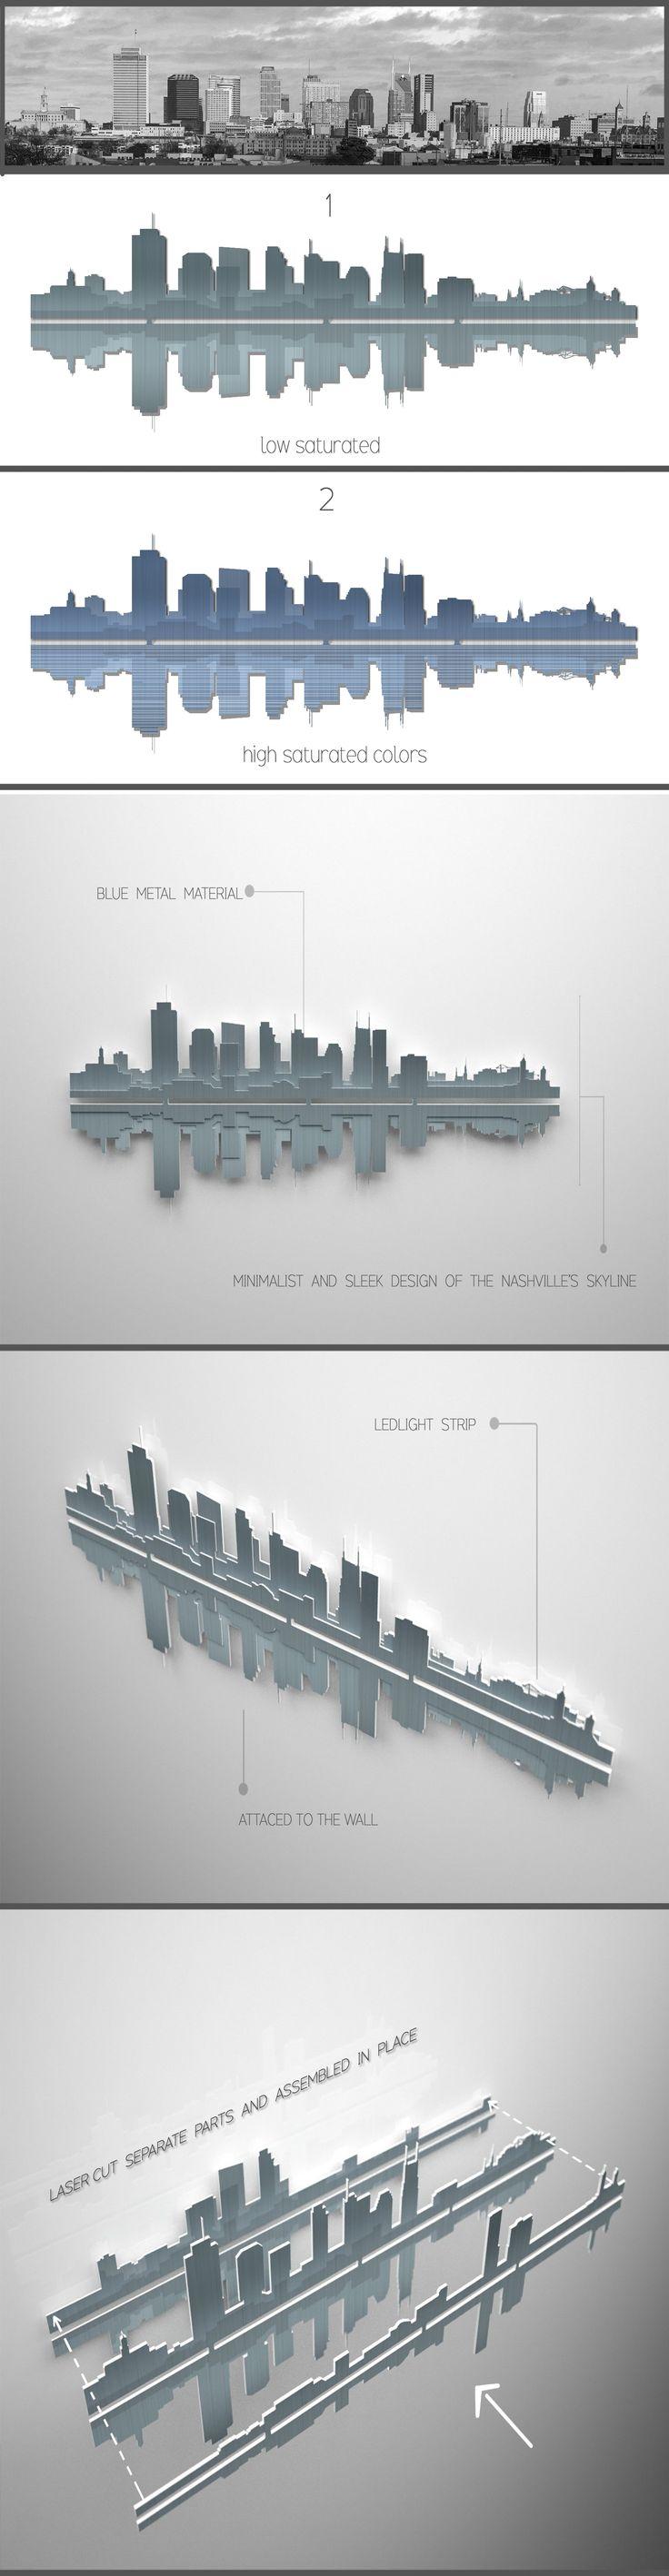 Designs | Custom artwork design needed | 3D contest